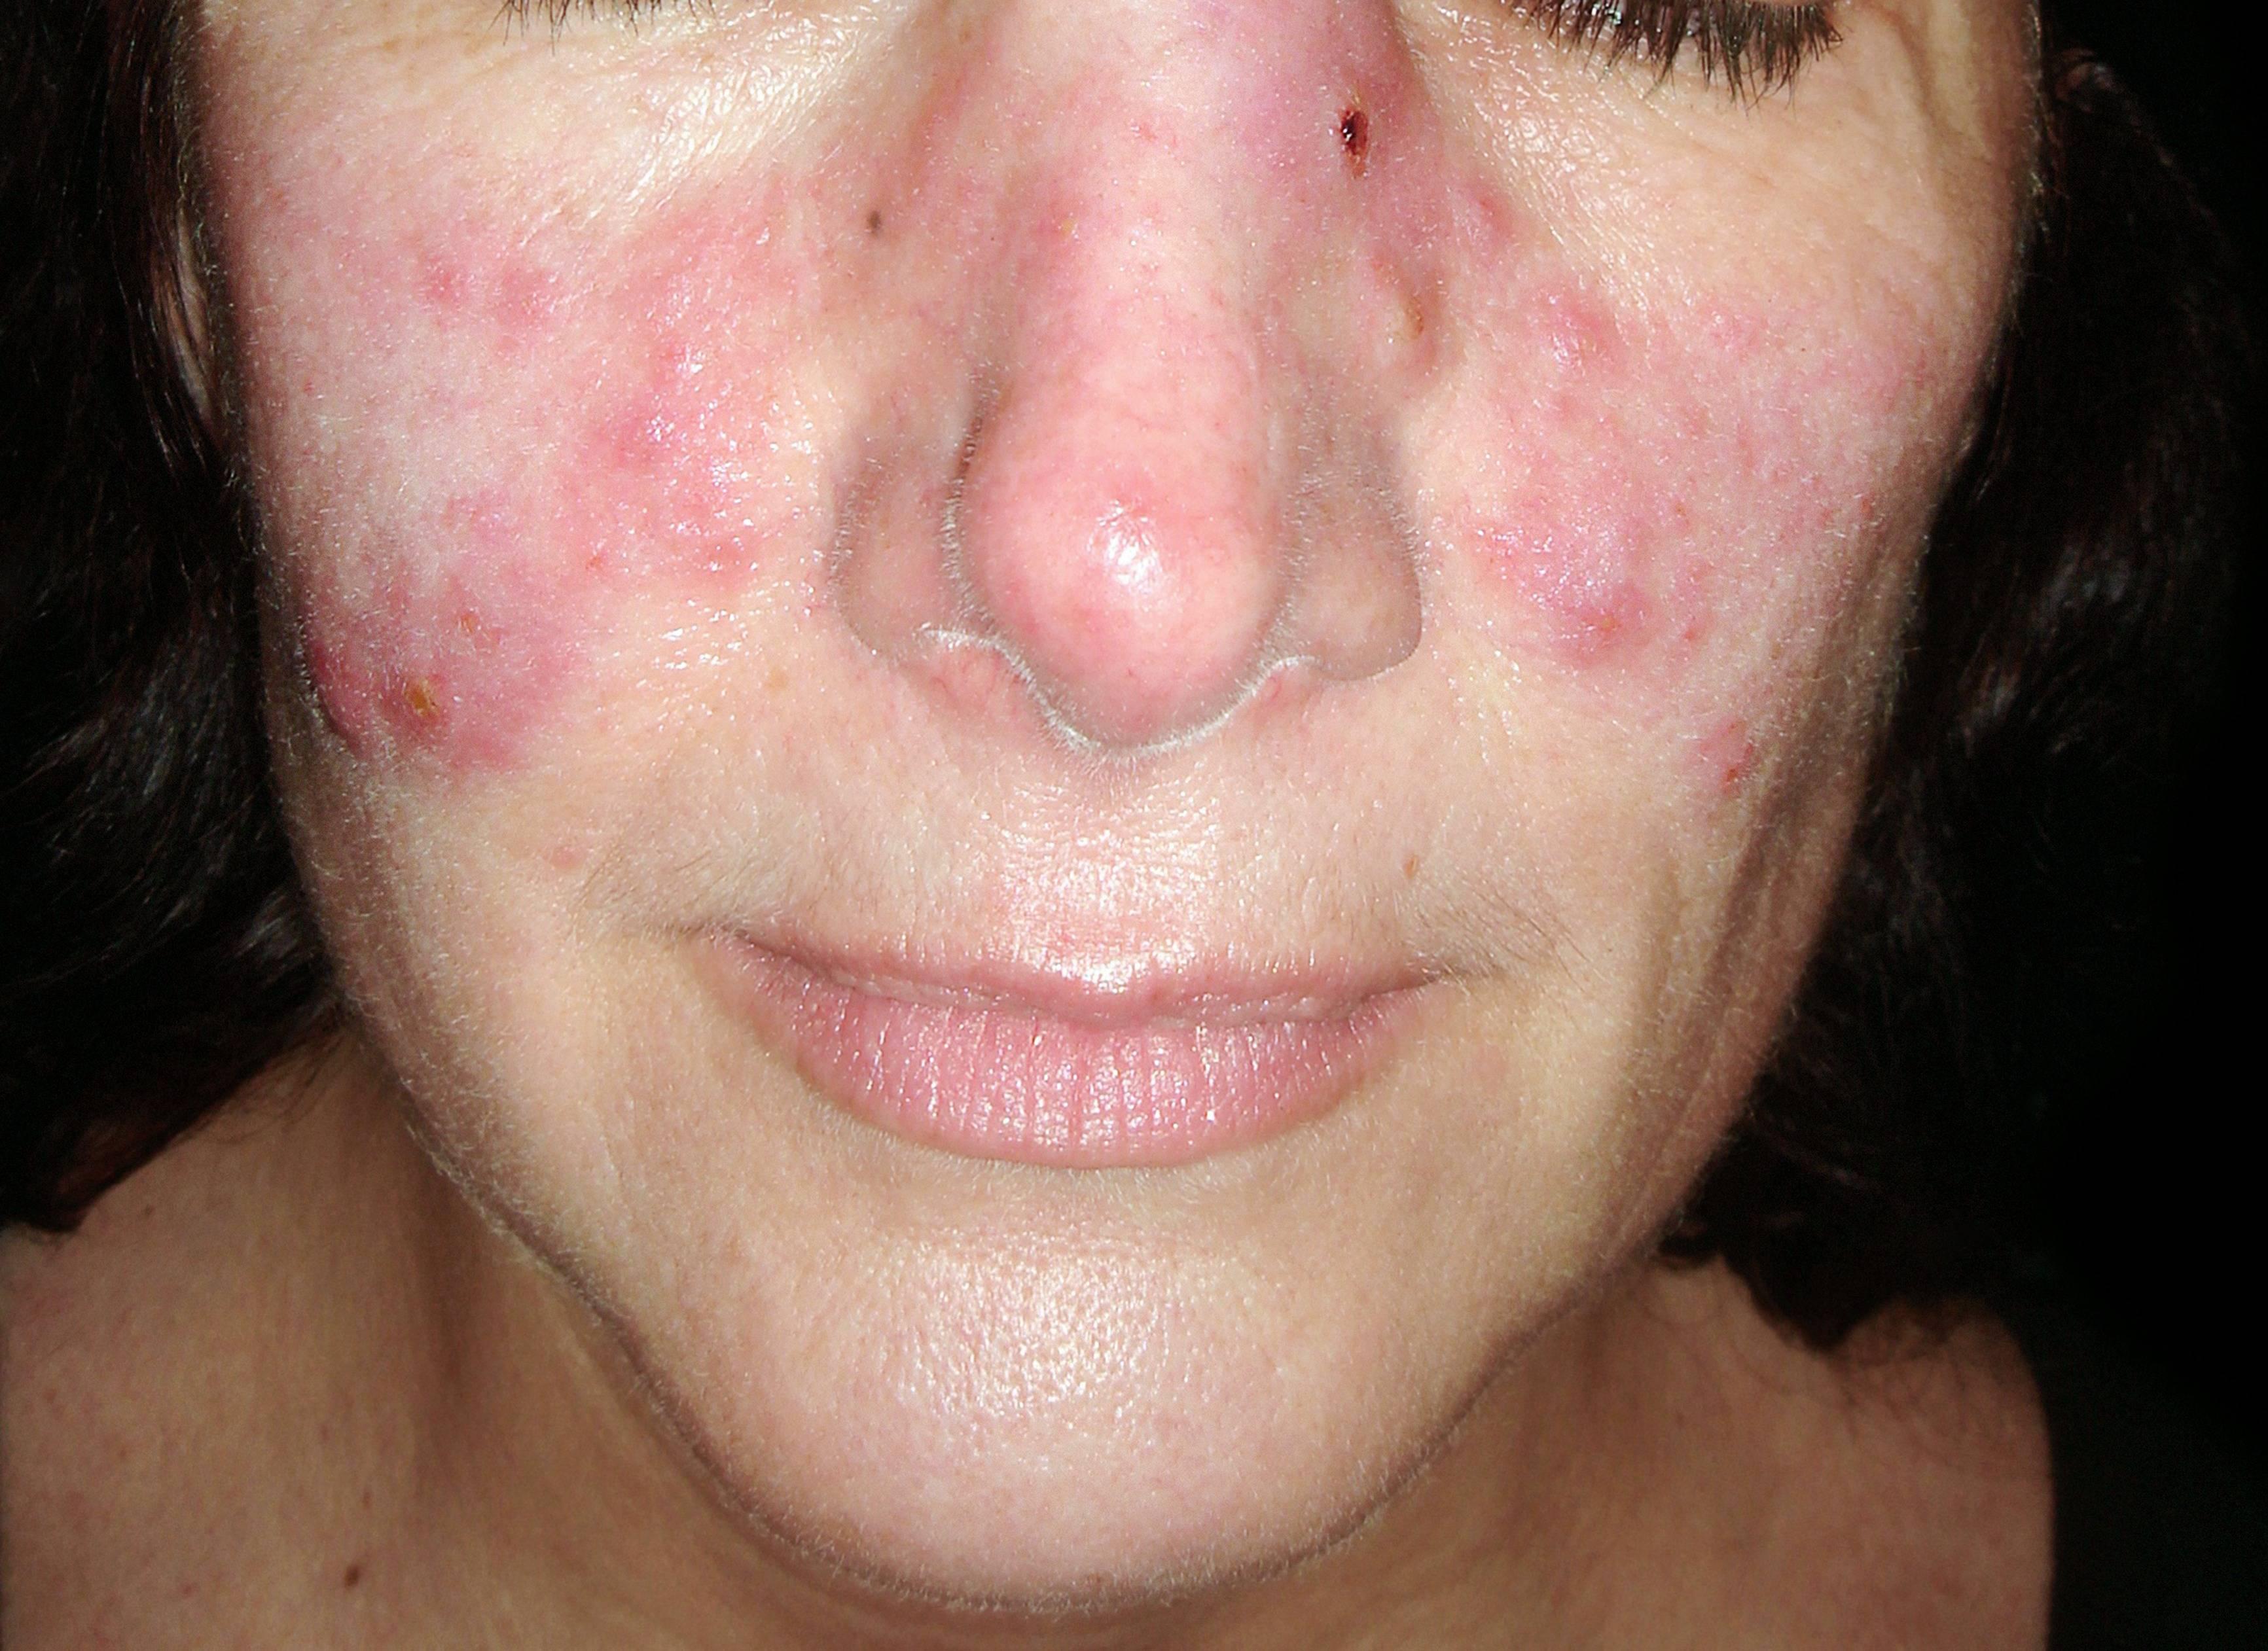 reggel arc vörös foltokkal pikkelysömörrel jobb kezelni